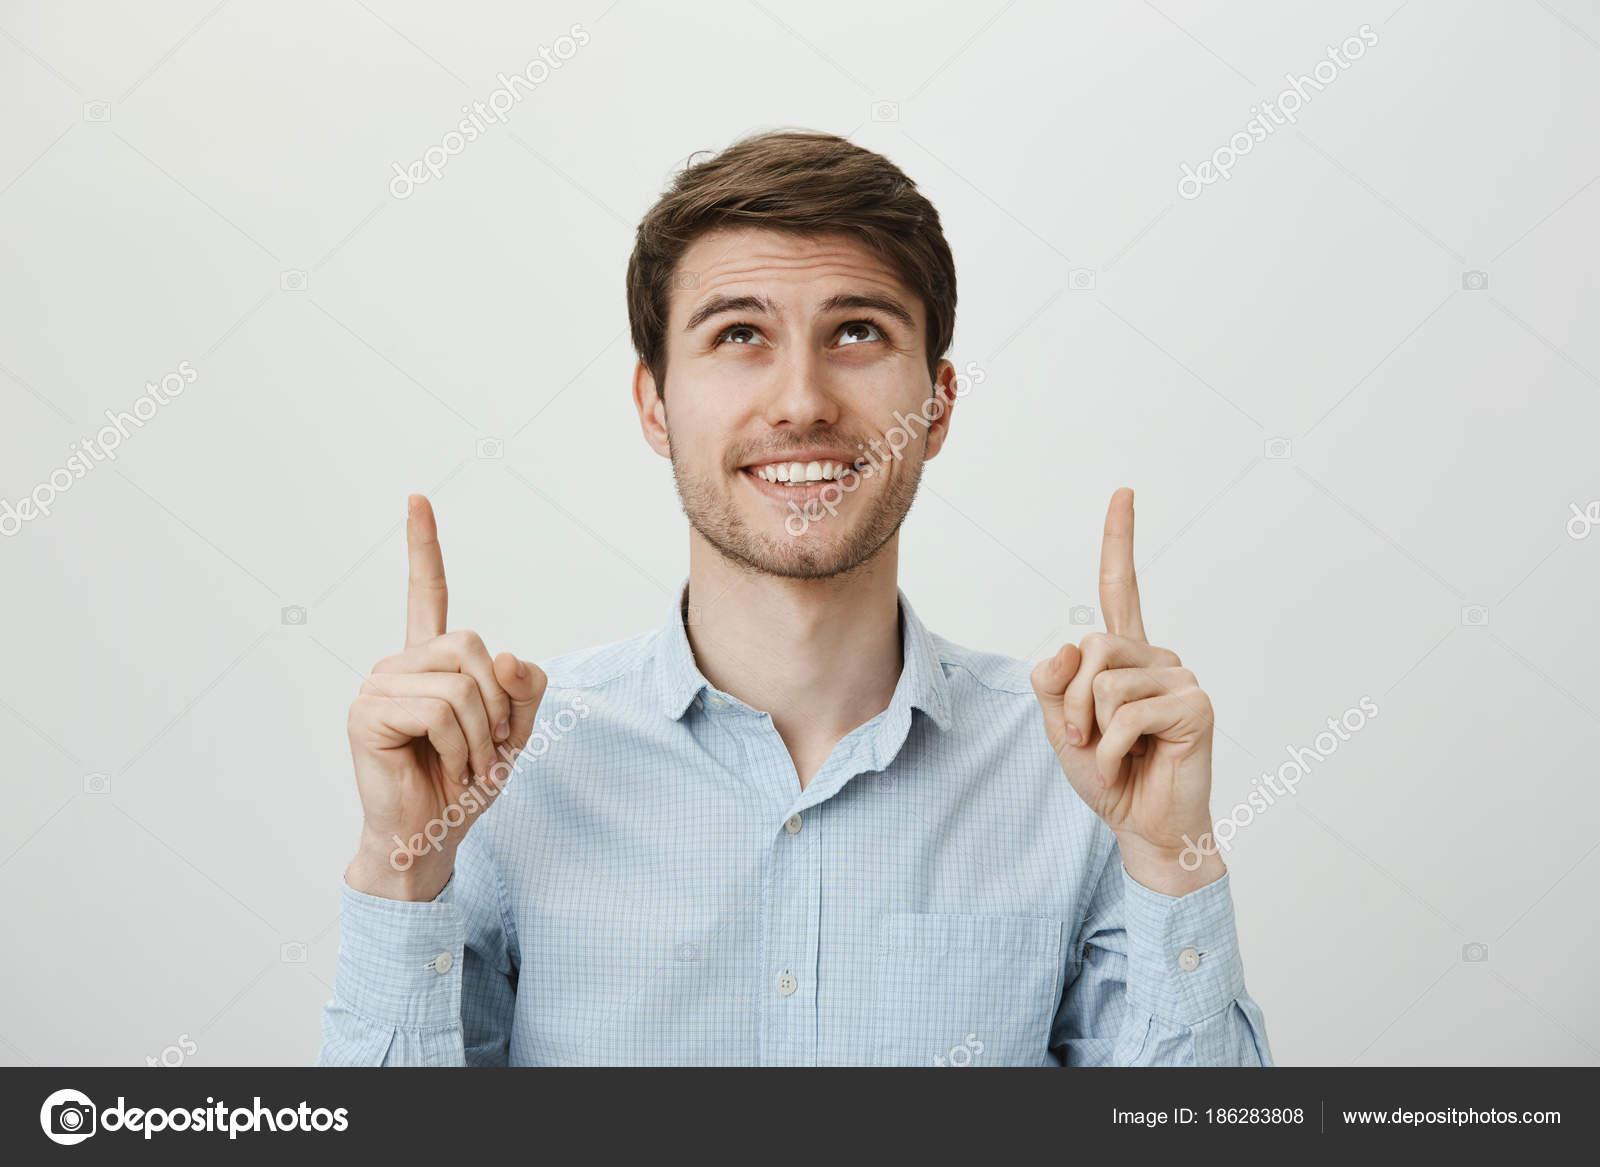 654fd20d35ee3e Kto jest szczęściarzem, oczywiście mnie. Szczęśliwy pozytywny przystojny  mężczyzna z brodą, wskazując i patrząc w górę, uśmiechając się szeroko, ...